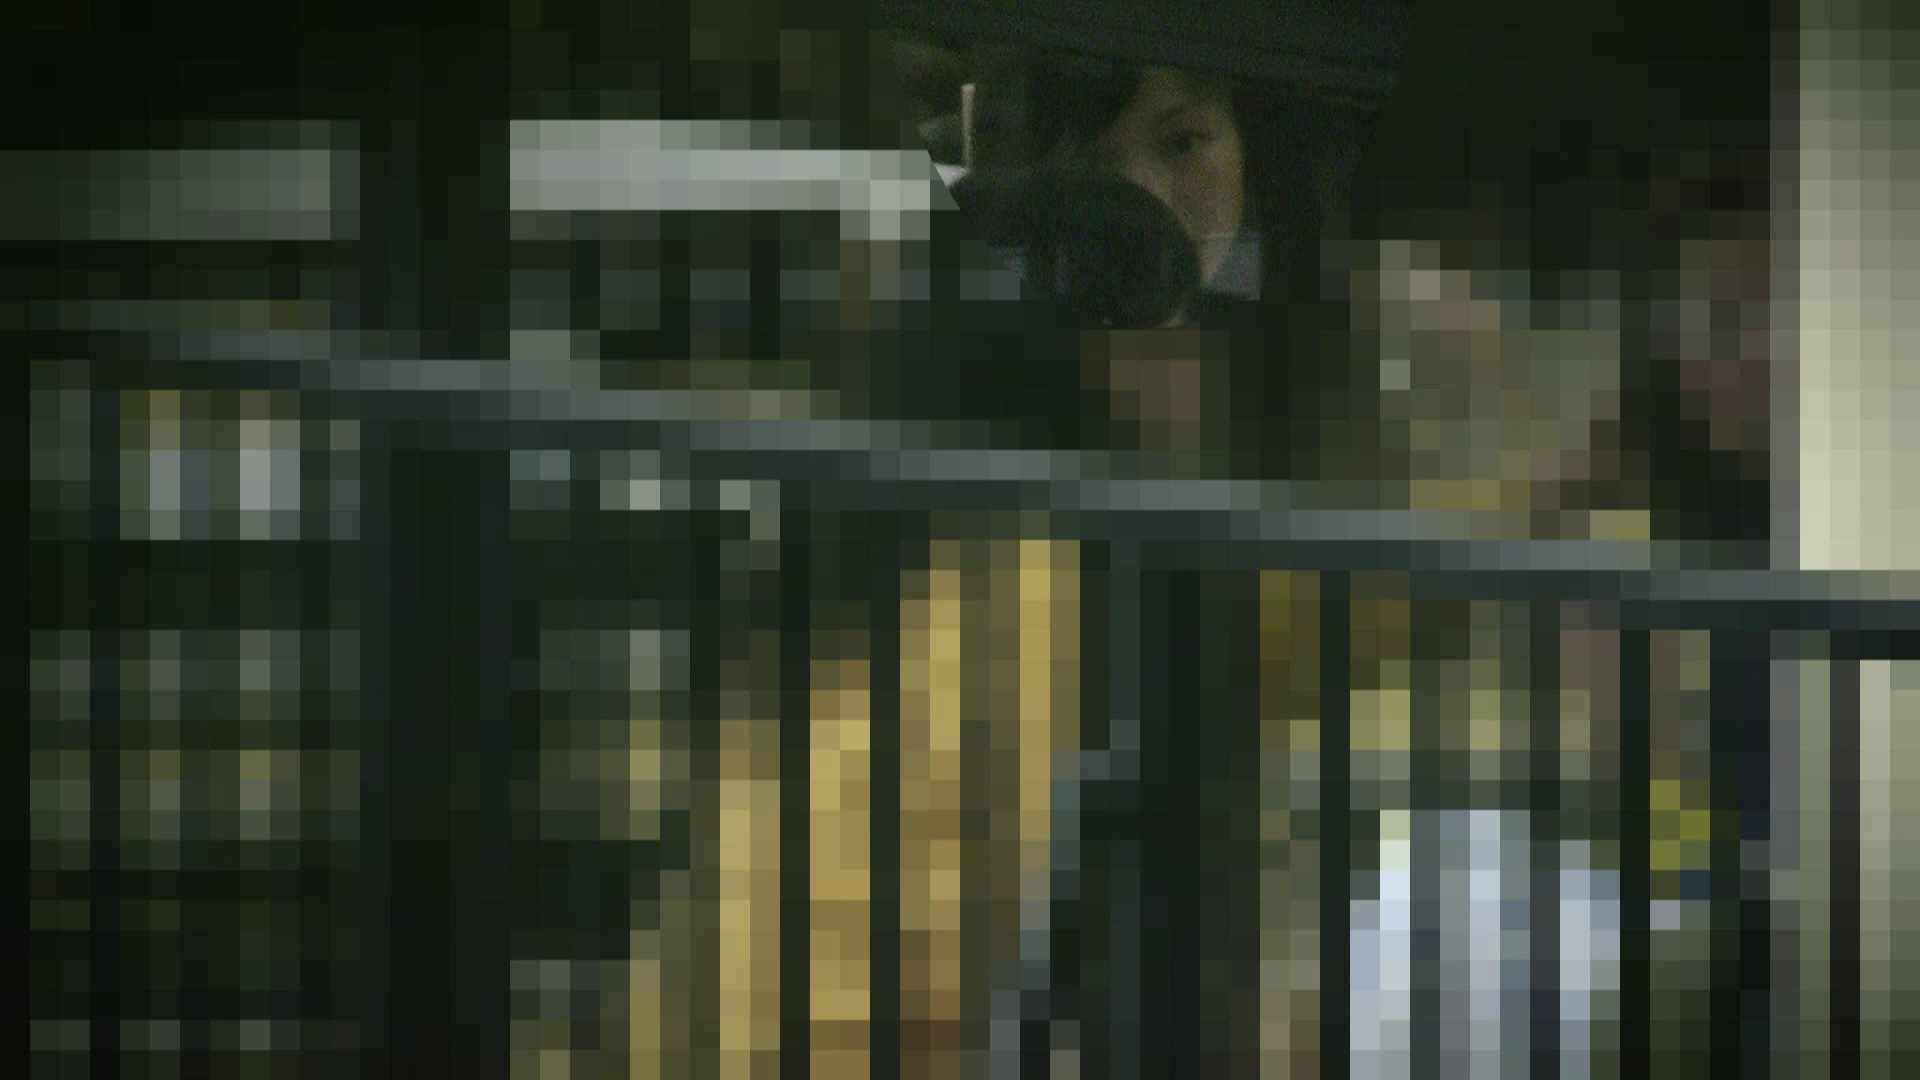 高画質露天女風呂観察 vol.006 露天風呂 のぞき動画画像 60連発 45